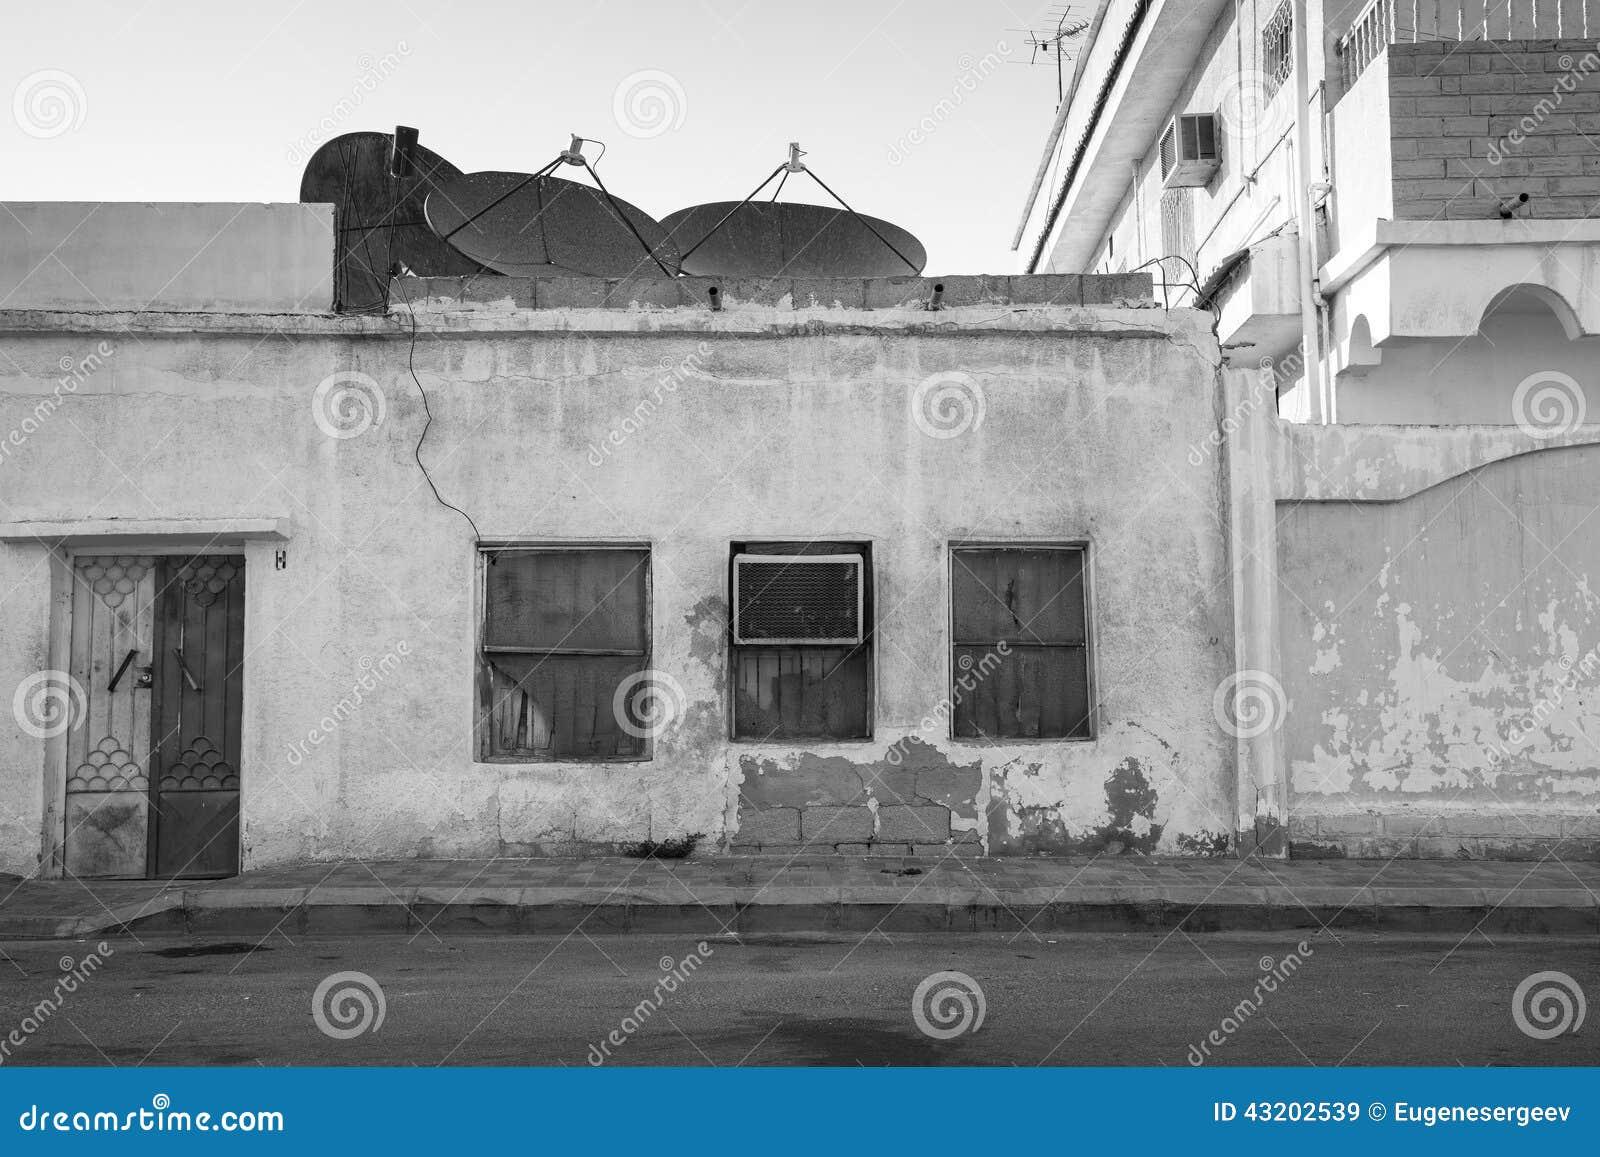 Download Gammal Byggnad Med Fönster Och Hårbalsamapparaten Saud Fotografering för Bildbyråer - Bild av saud, väg: 43202539